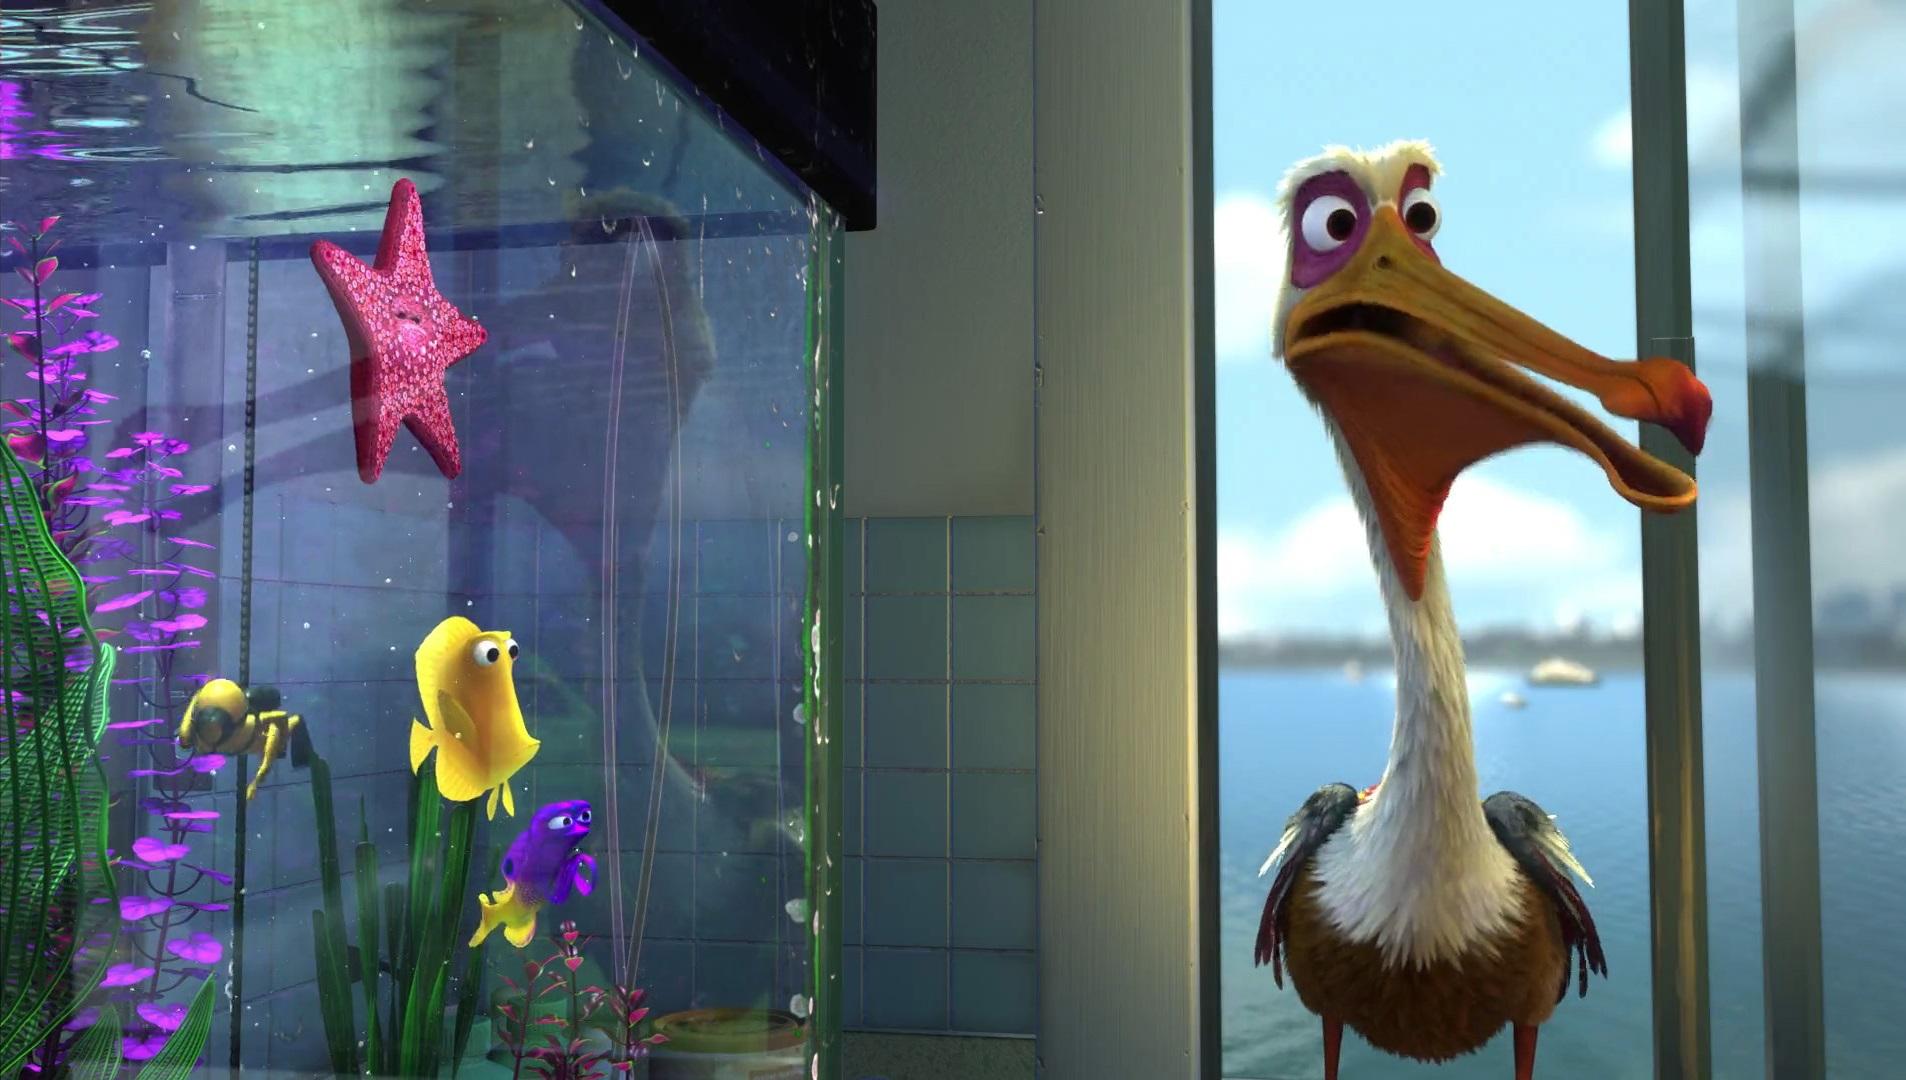 Nigel Finding Nemo Heroes Wiki Fandom Powered By Wikia